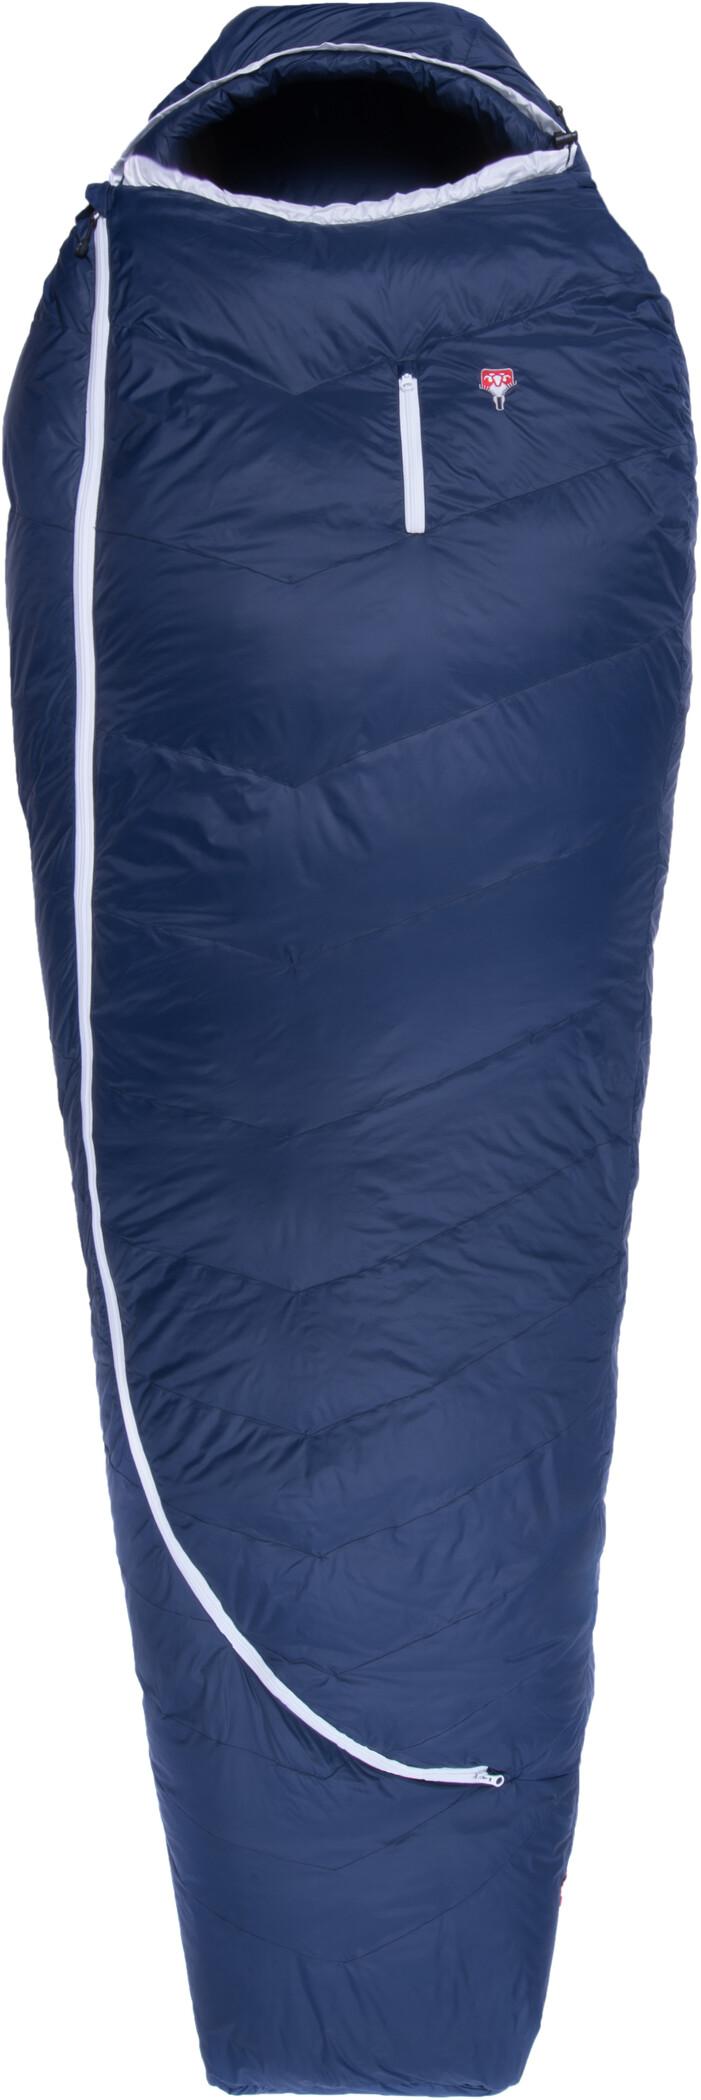 Grüezi-Bag Biopod DownWool Ice 200 Sovepose, night blue | Transport og opbevaring > Tilbehør